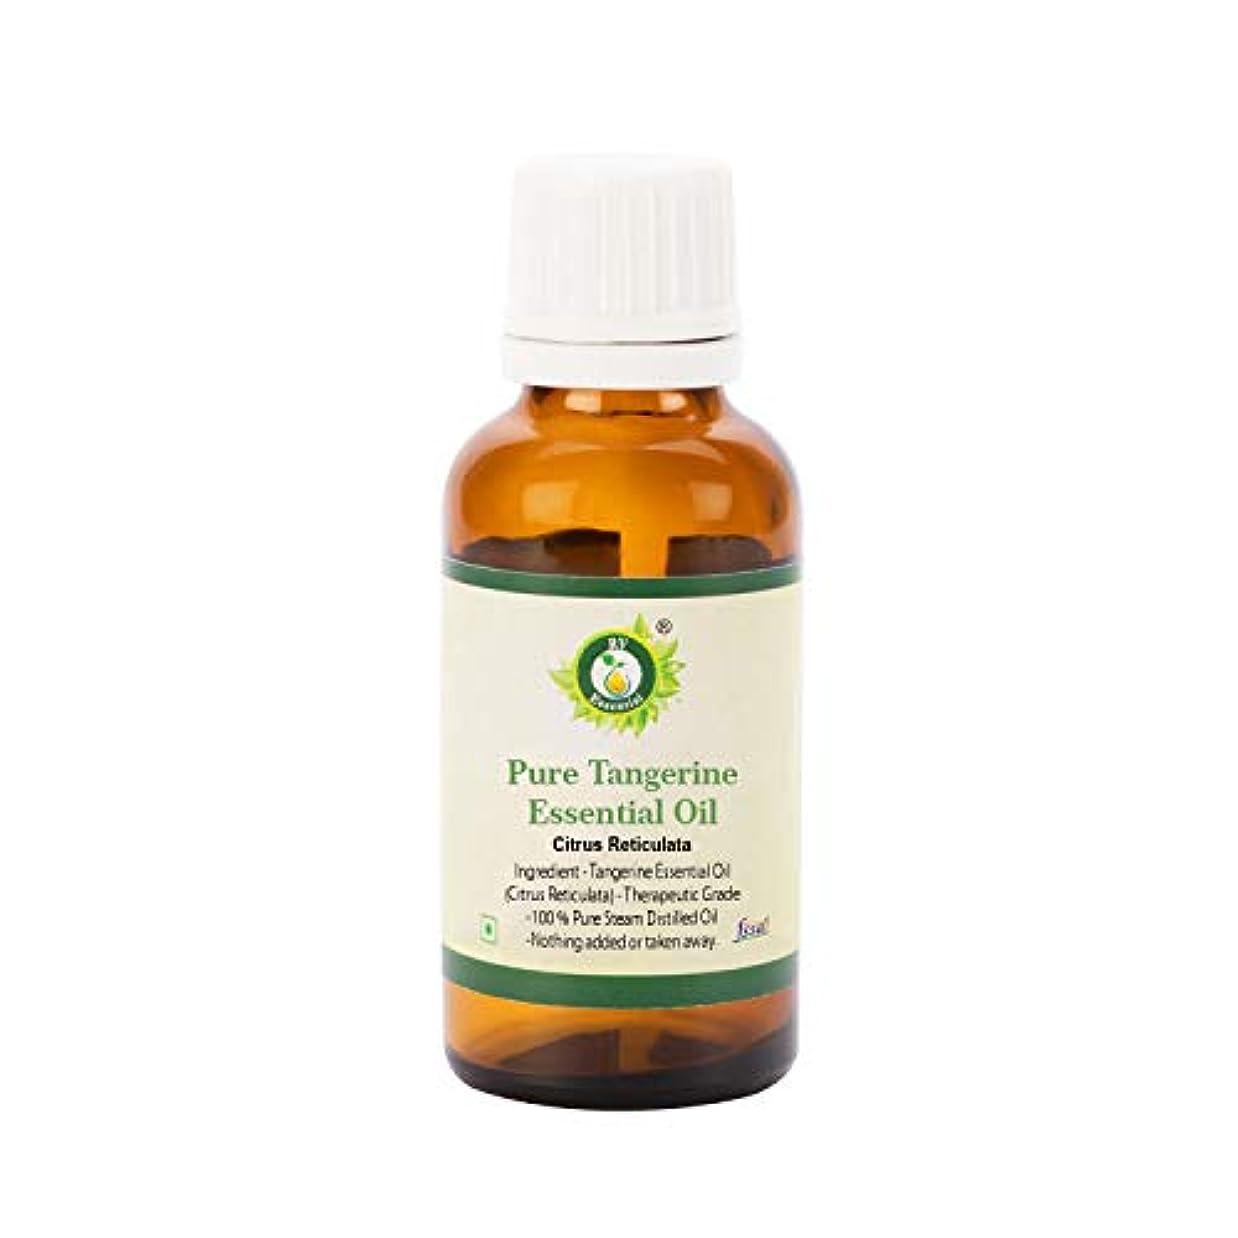 いっぱい賛美歌ピービッシュR V Essential ピュアタンジェリンエッセンシャルオイル50ml (1.69oz)- Citrus Reticulata (100%純粋&天然スチームDistilled) Pure Tangerine Essential...